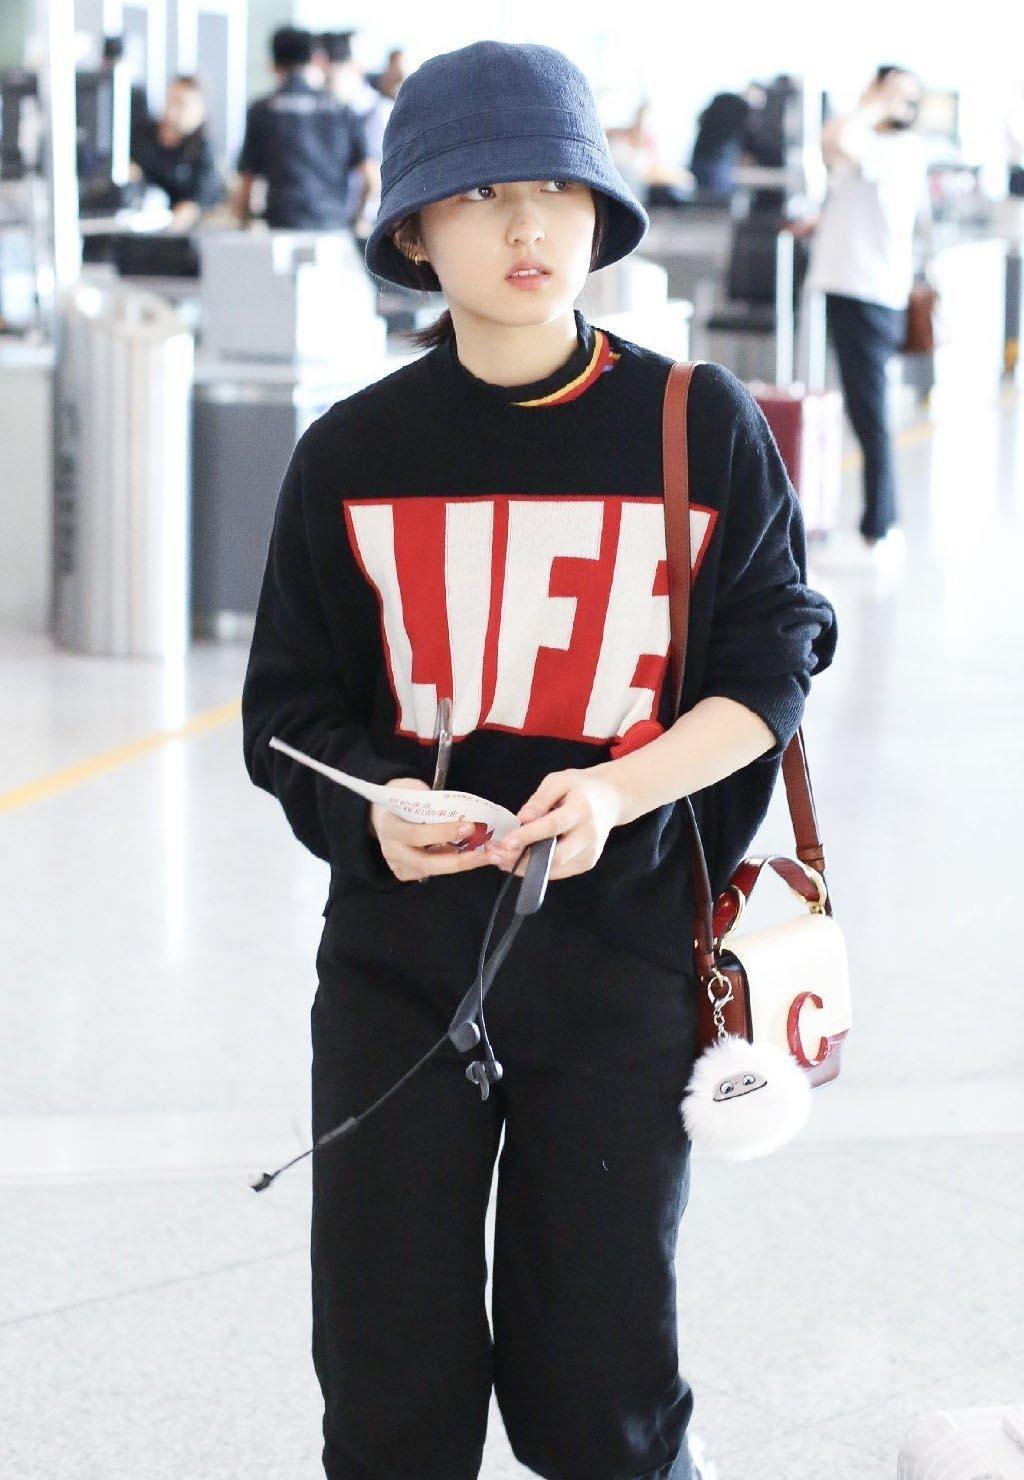 <b>张子枫现身机场欢乐多,看妹妹笑的是有多开心,简直就是太可爱了</b>